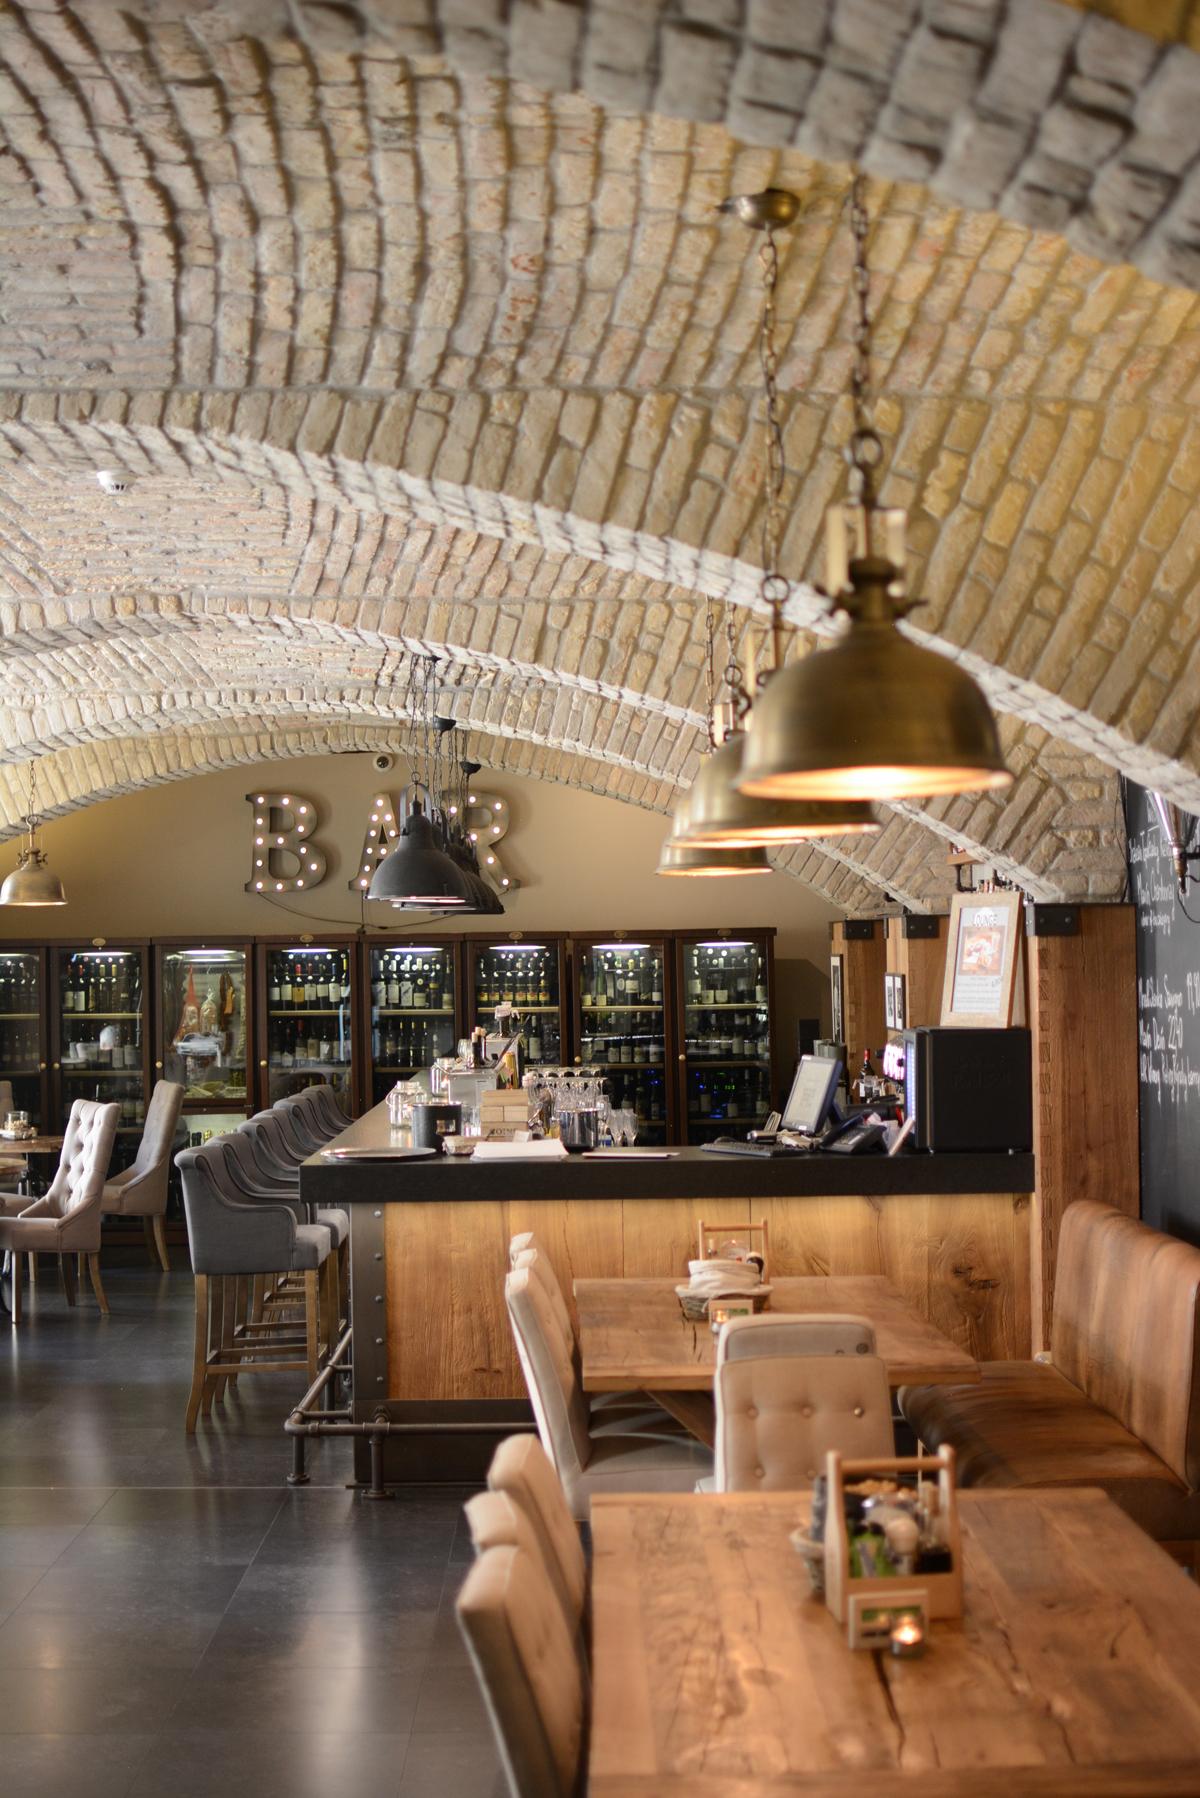 Bar im Loft Hotel in Bratislava |Pixi mit Milch